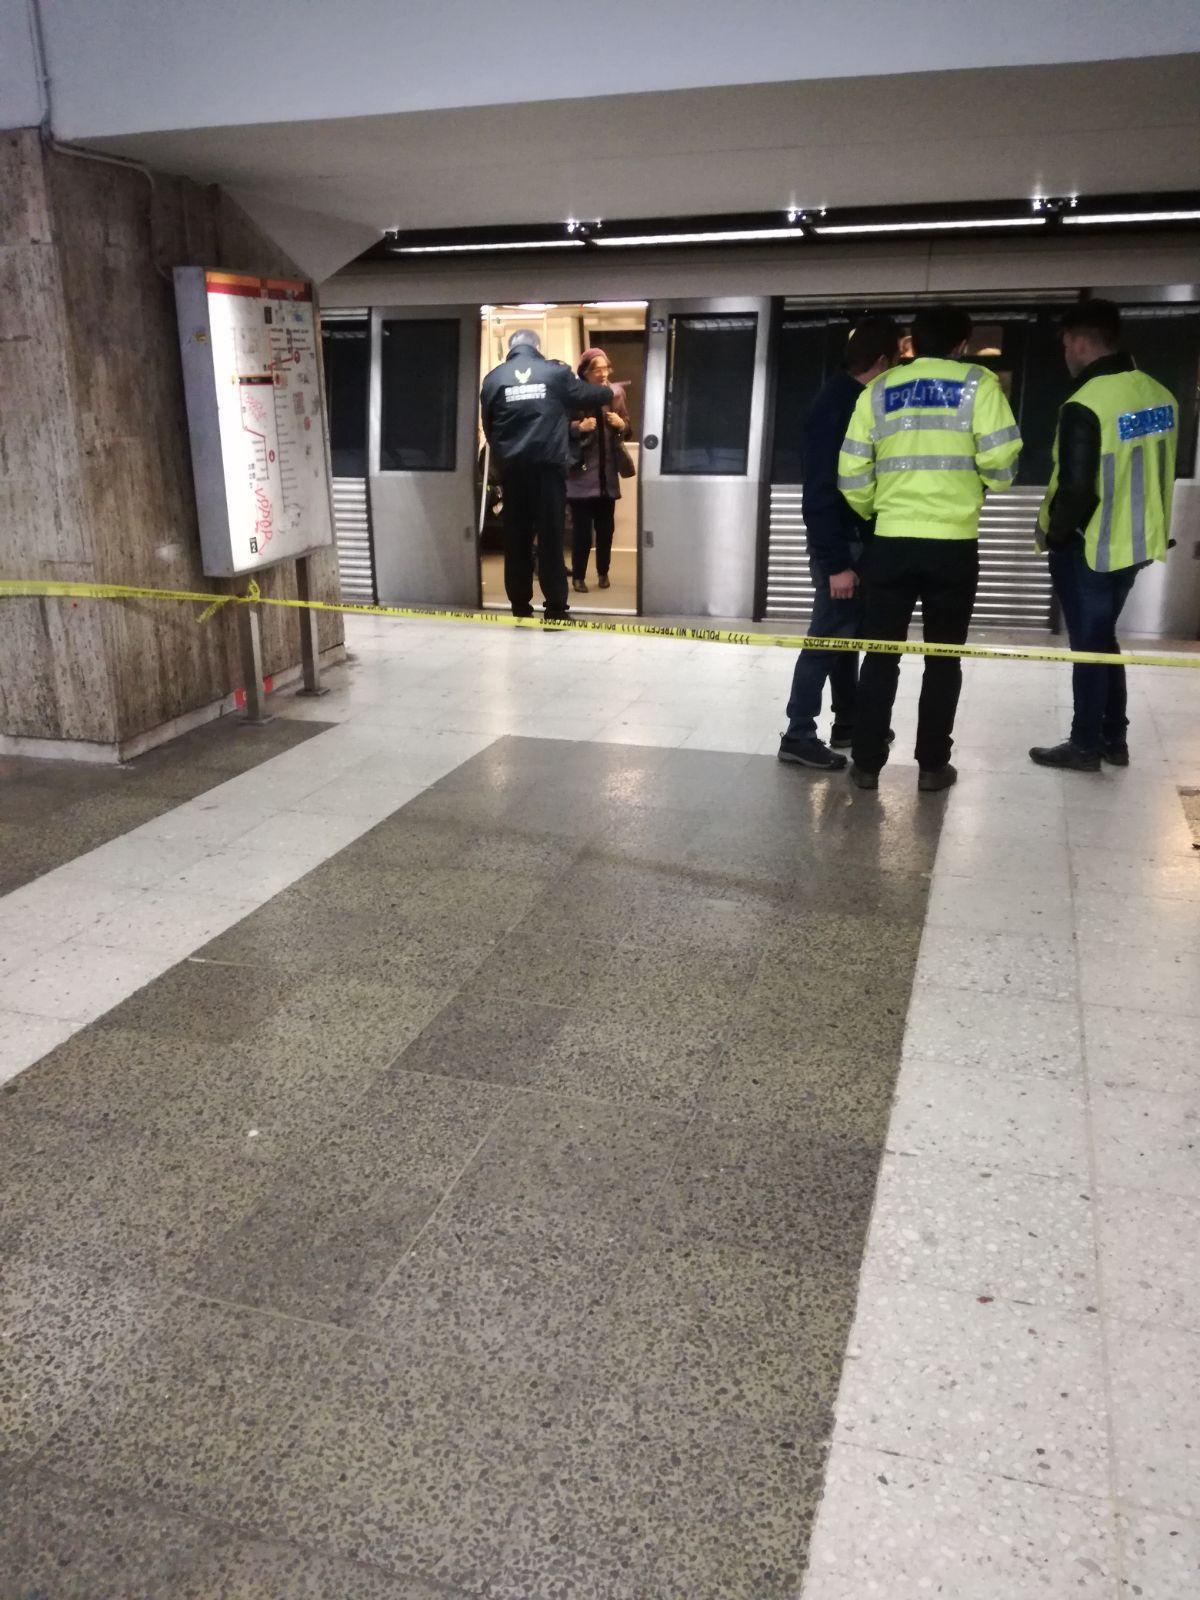 CRIMA de la metrou. Femeia suspectată că a ucis o tânără de 25 de ani, împingând-o în faţa metroului, a fost reţinută/Ministrul de Interne mulţumeşte cetăţenilor pentru solidaritate